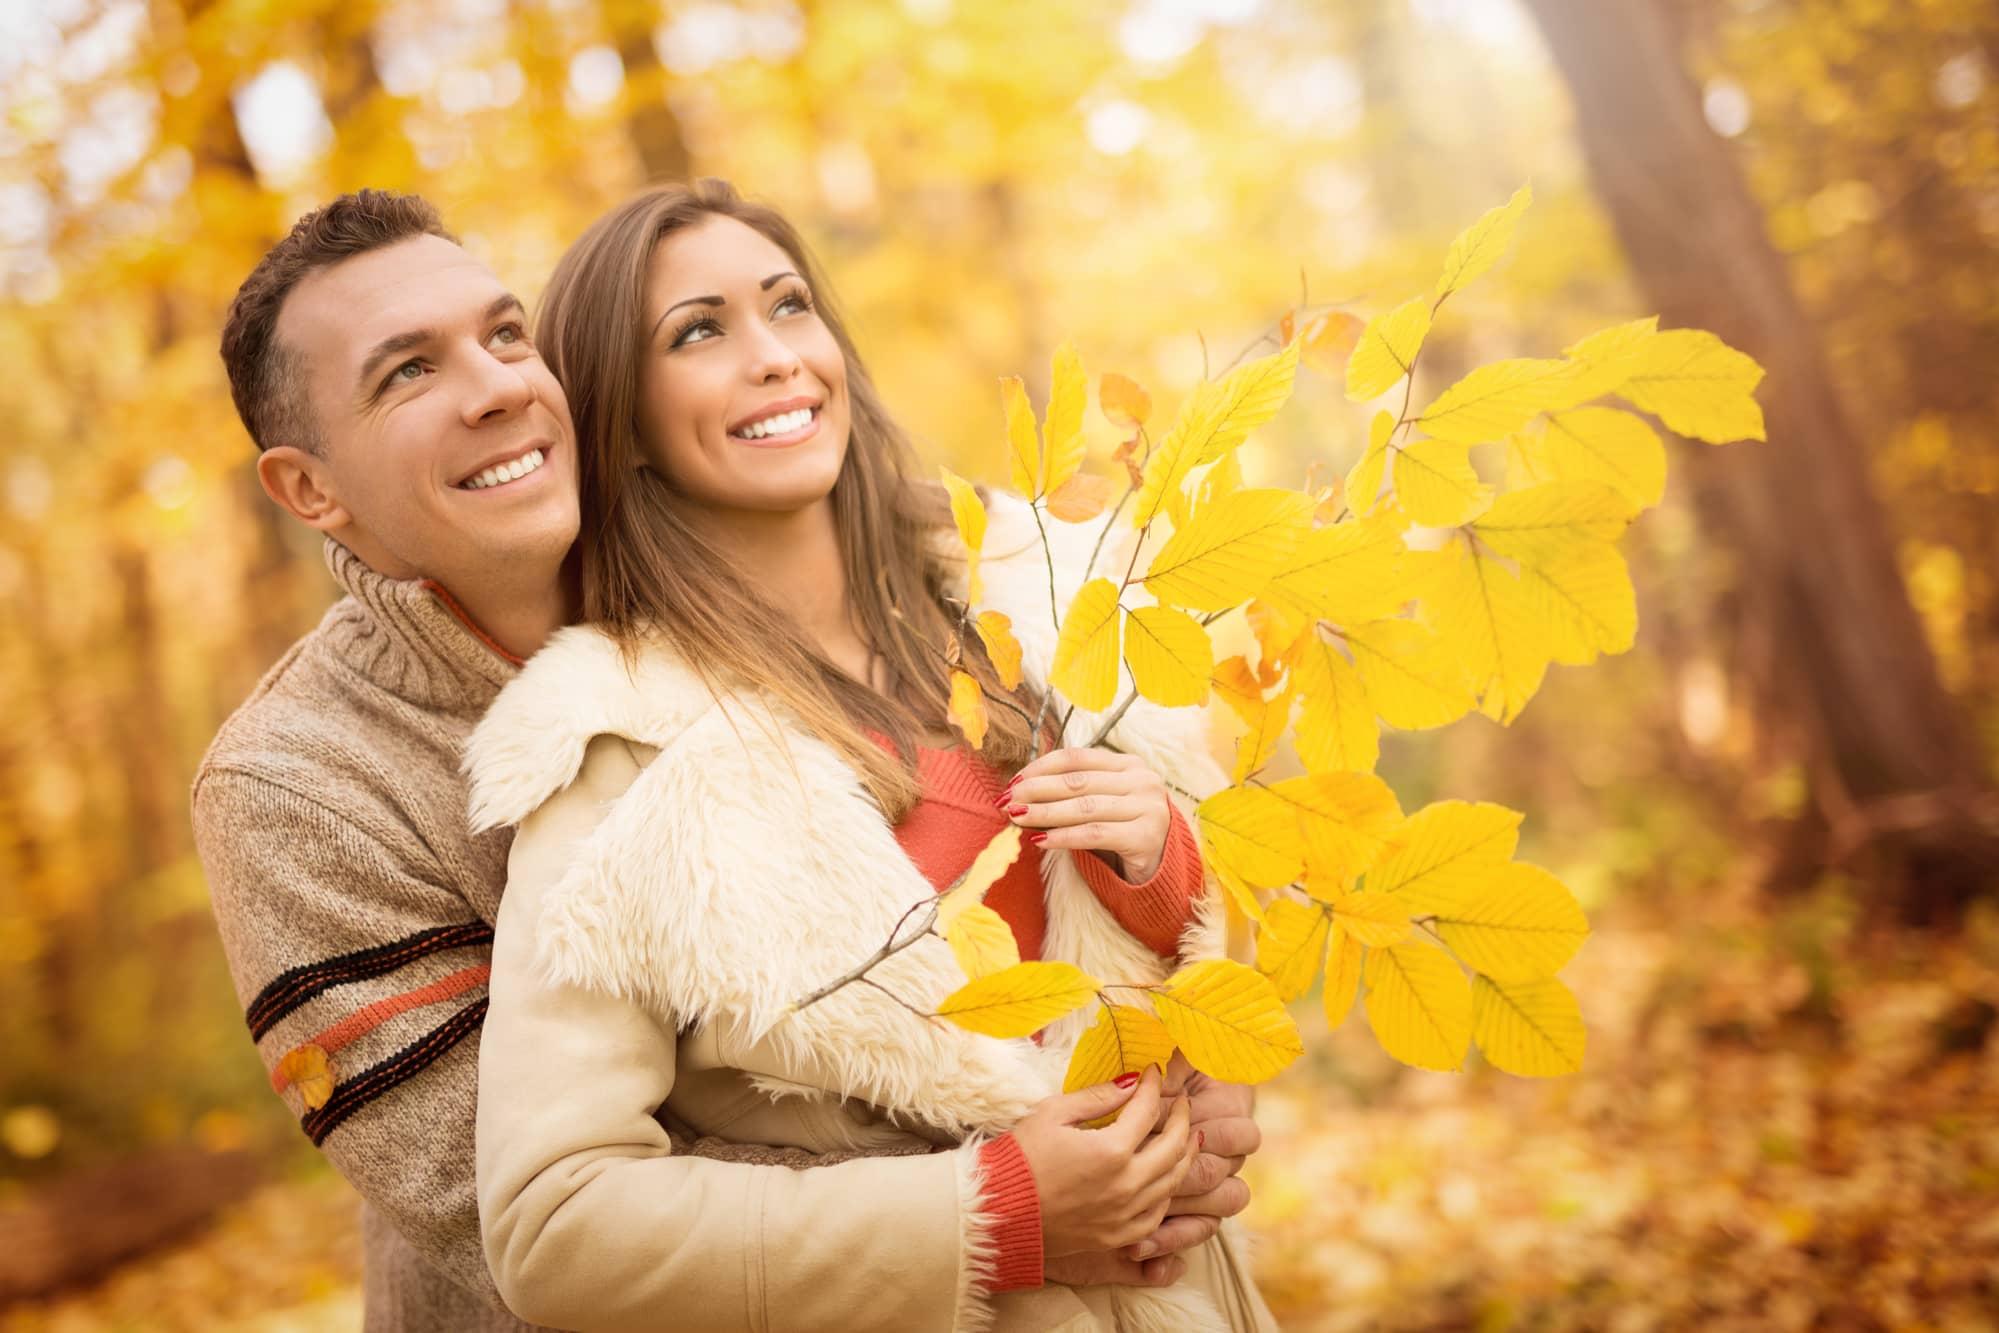 couple jeune a2conseil automne 2020